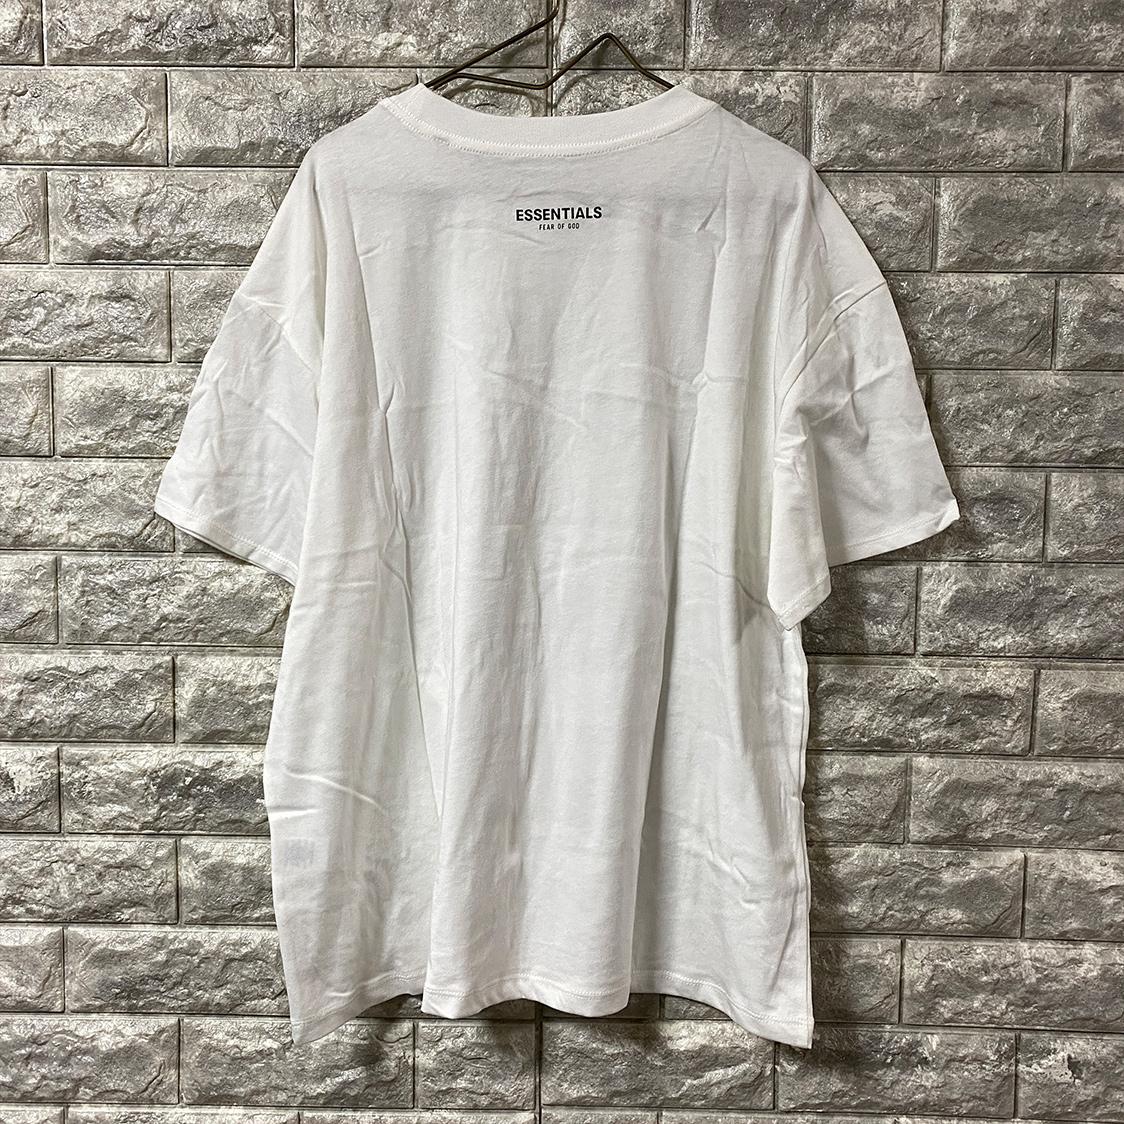 正規品 FOG ESSENTIALS エフオージー エッセンシャルズ 【Mサイズ】 3 pack Tシャツ パックTシャツ fear of god PACSUN ホワイト 白